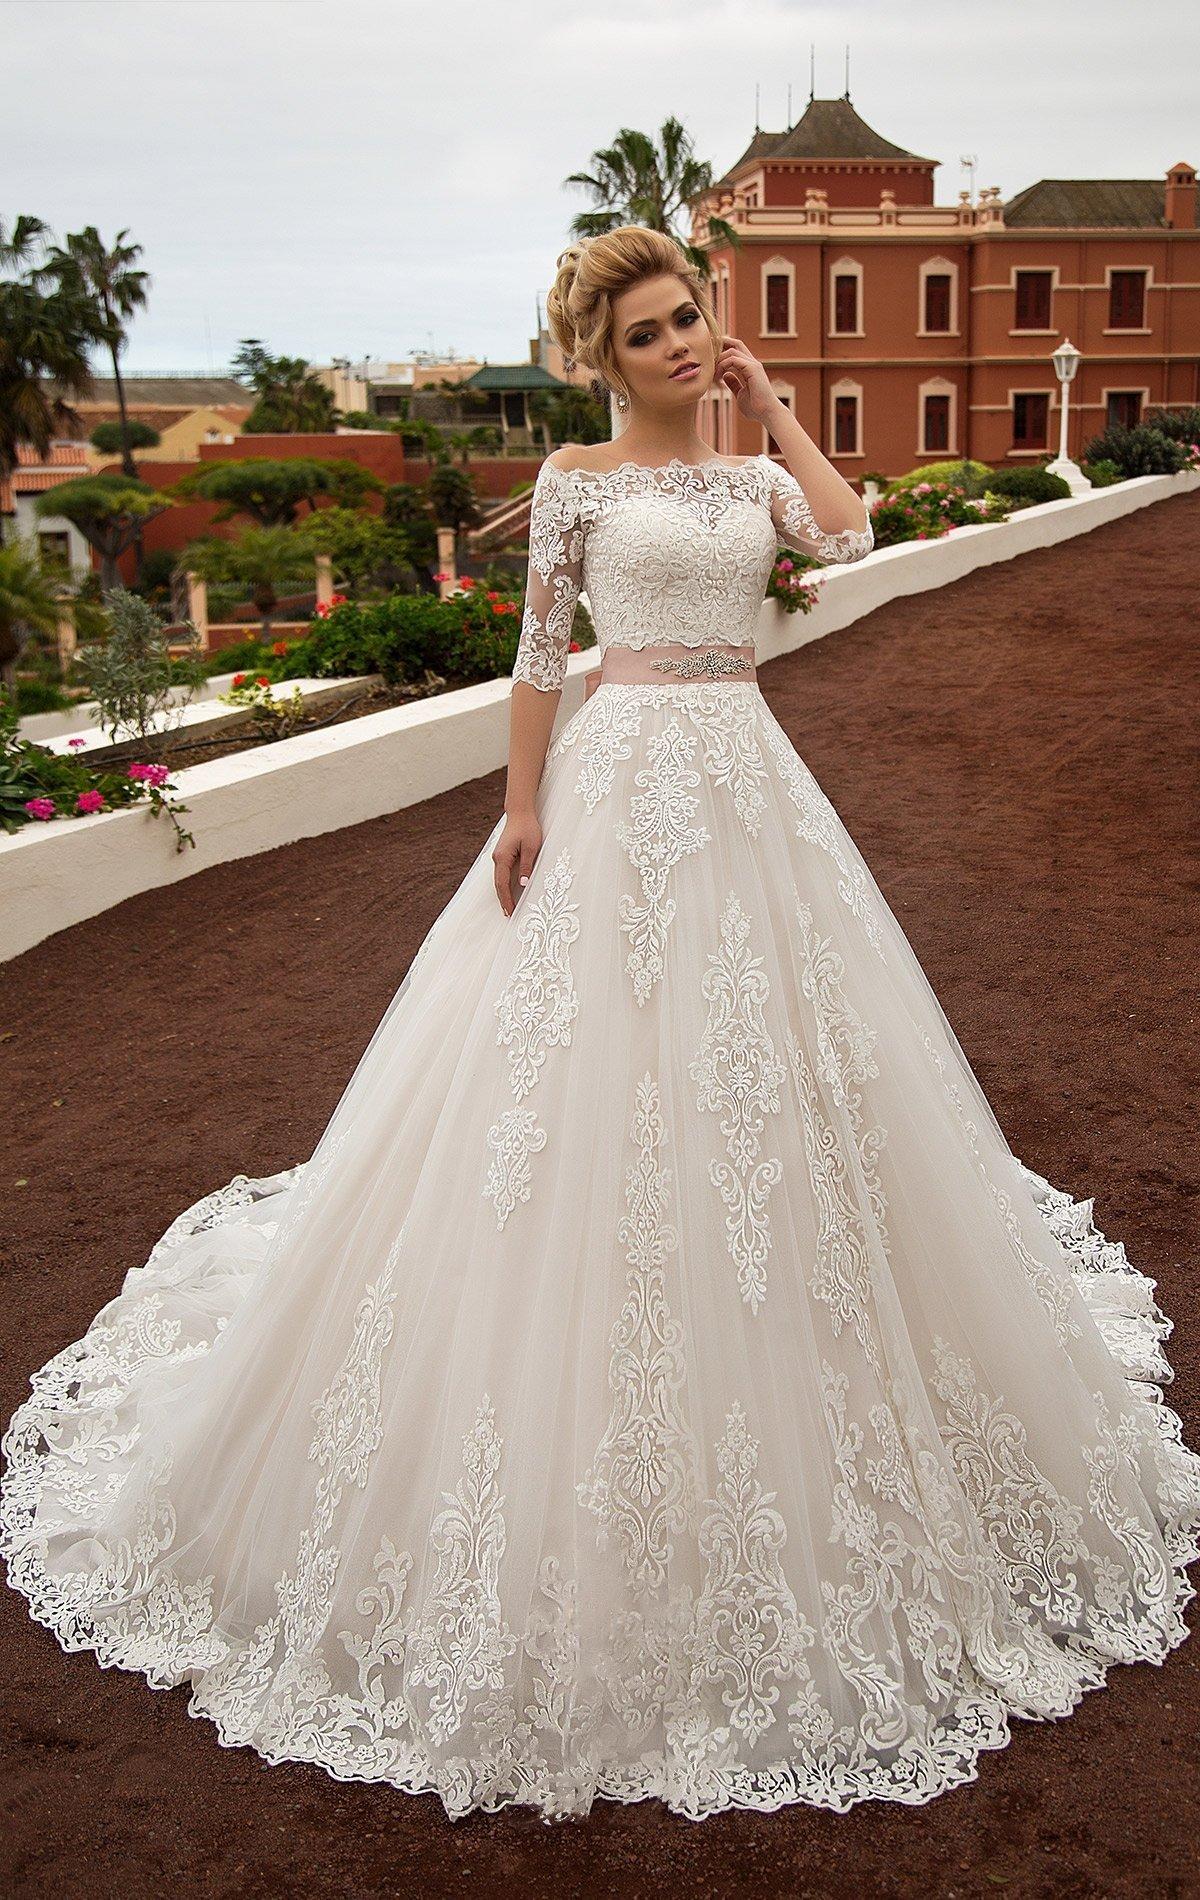 337b73ec733563 Свадебное платье «принцесса» цвета слоновой кости с широким розовым поясом  на талии.